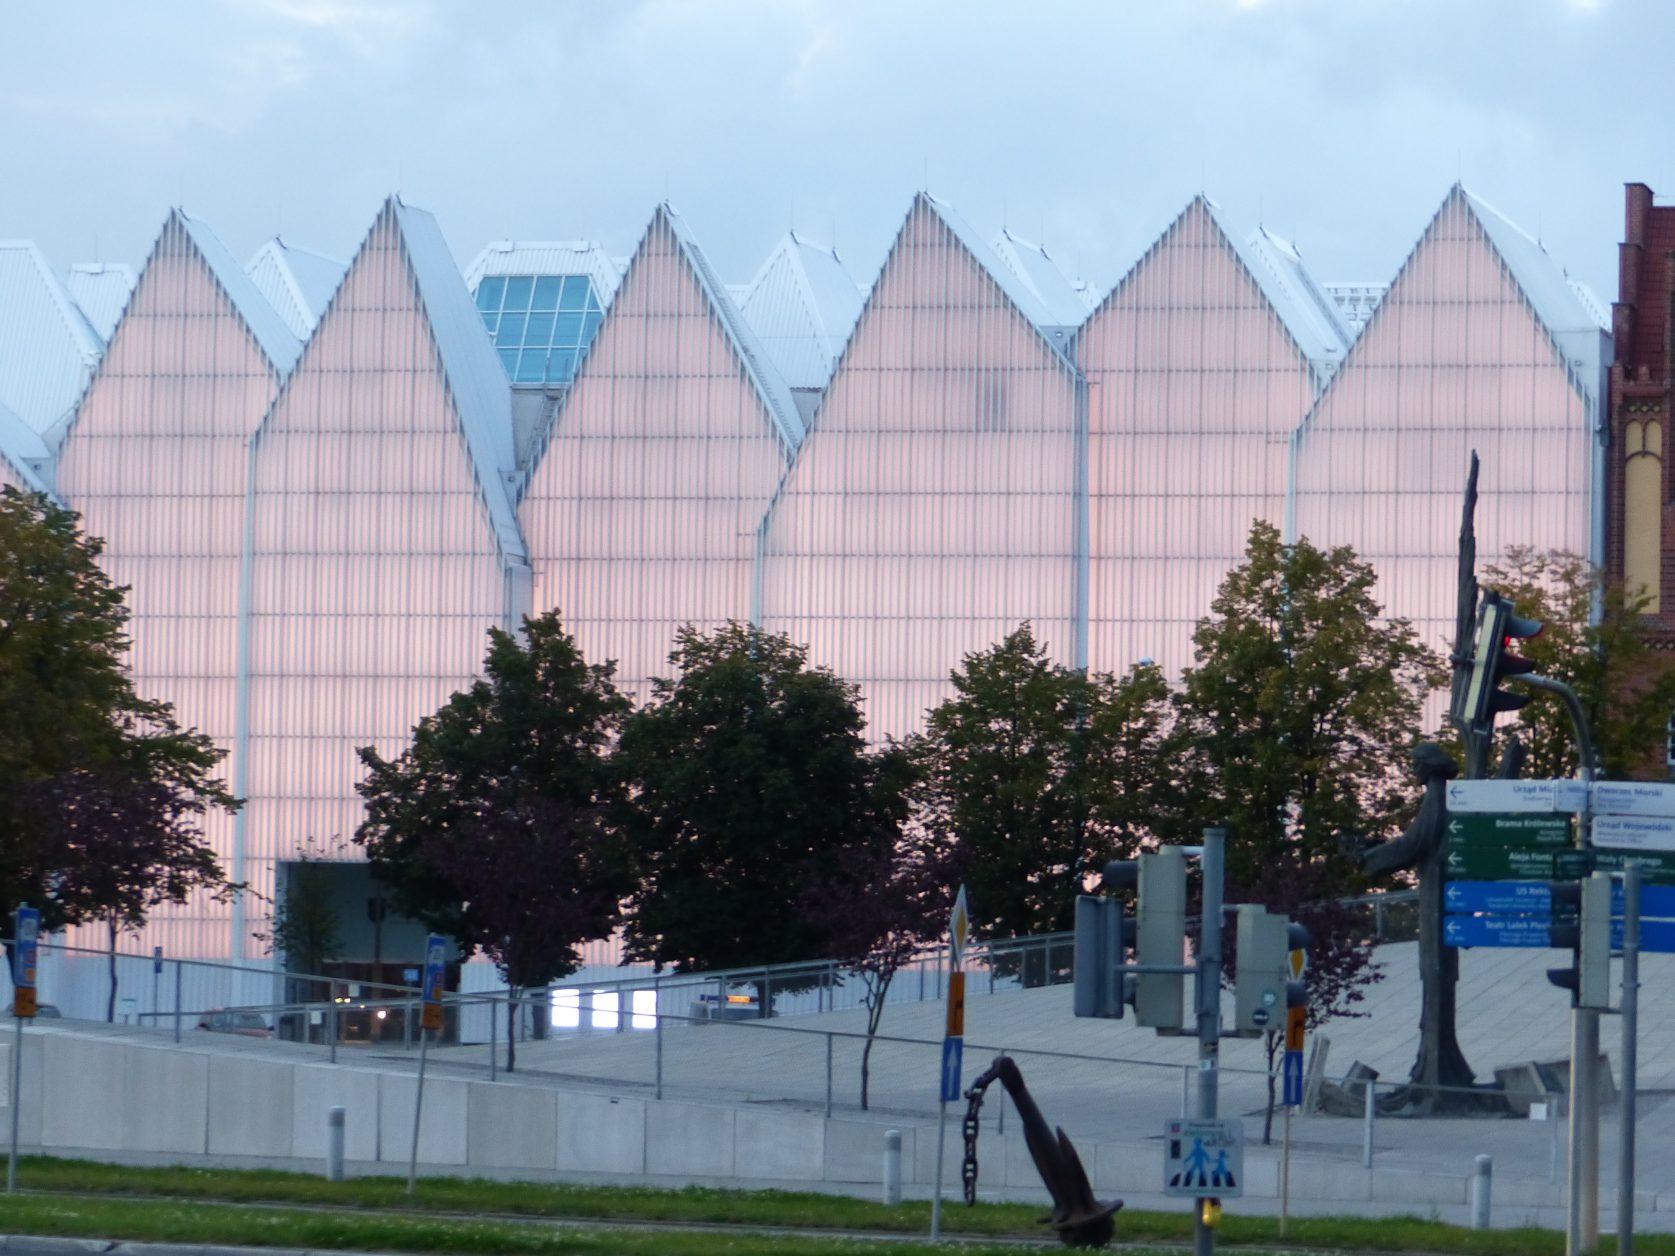 2015 wurde der Neubau mit dem Mies-van-der-Rohe-Preis geehrt. Foto: D. Weirauch